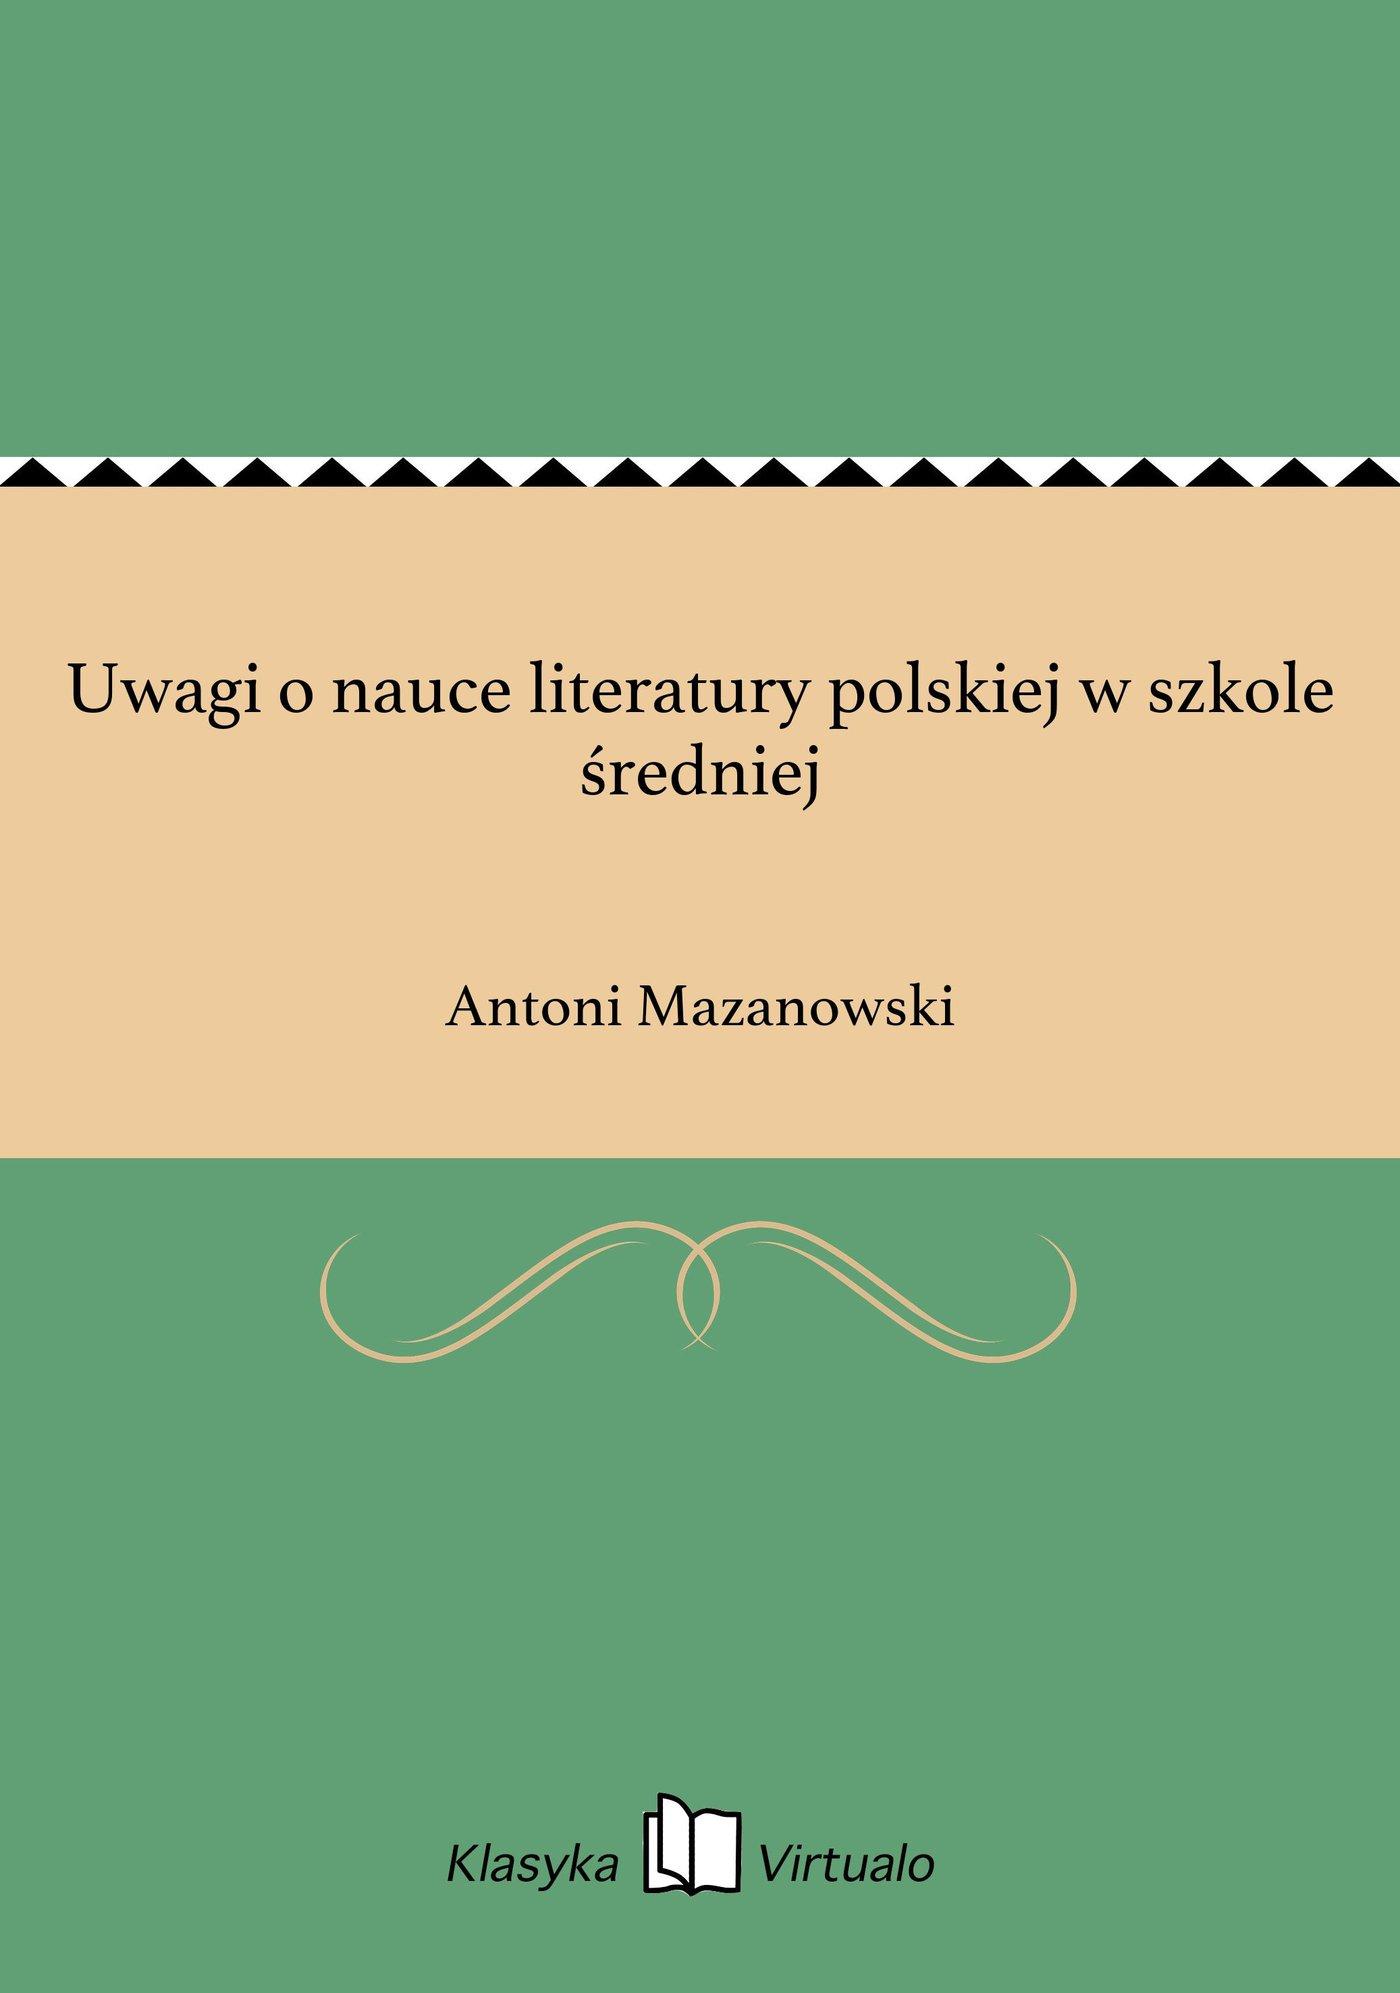 Uwagi o nauce literatury polskiej w szkole średniej - Ebook (Książka EPUB) do pobrania w formacie EPUB